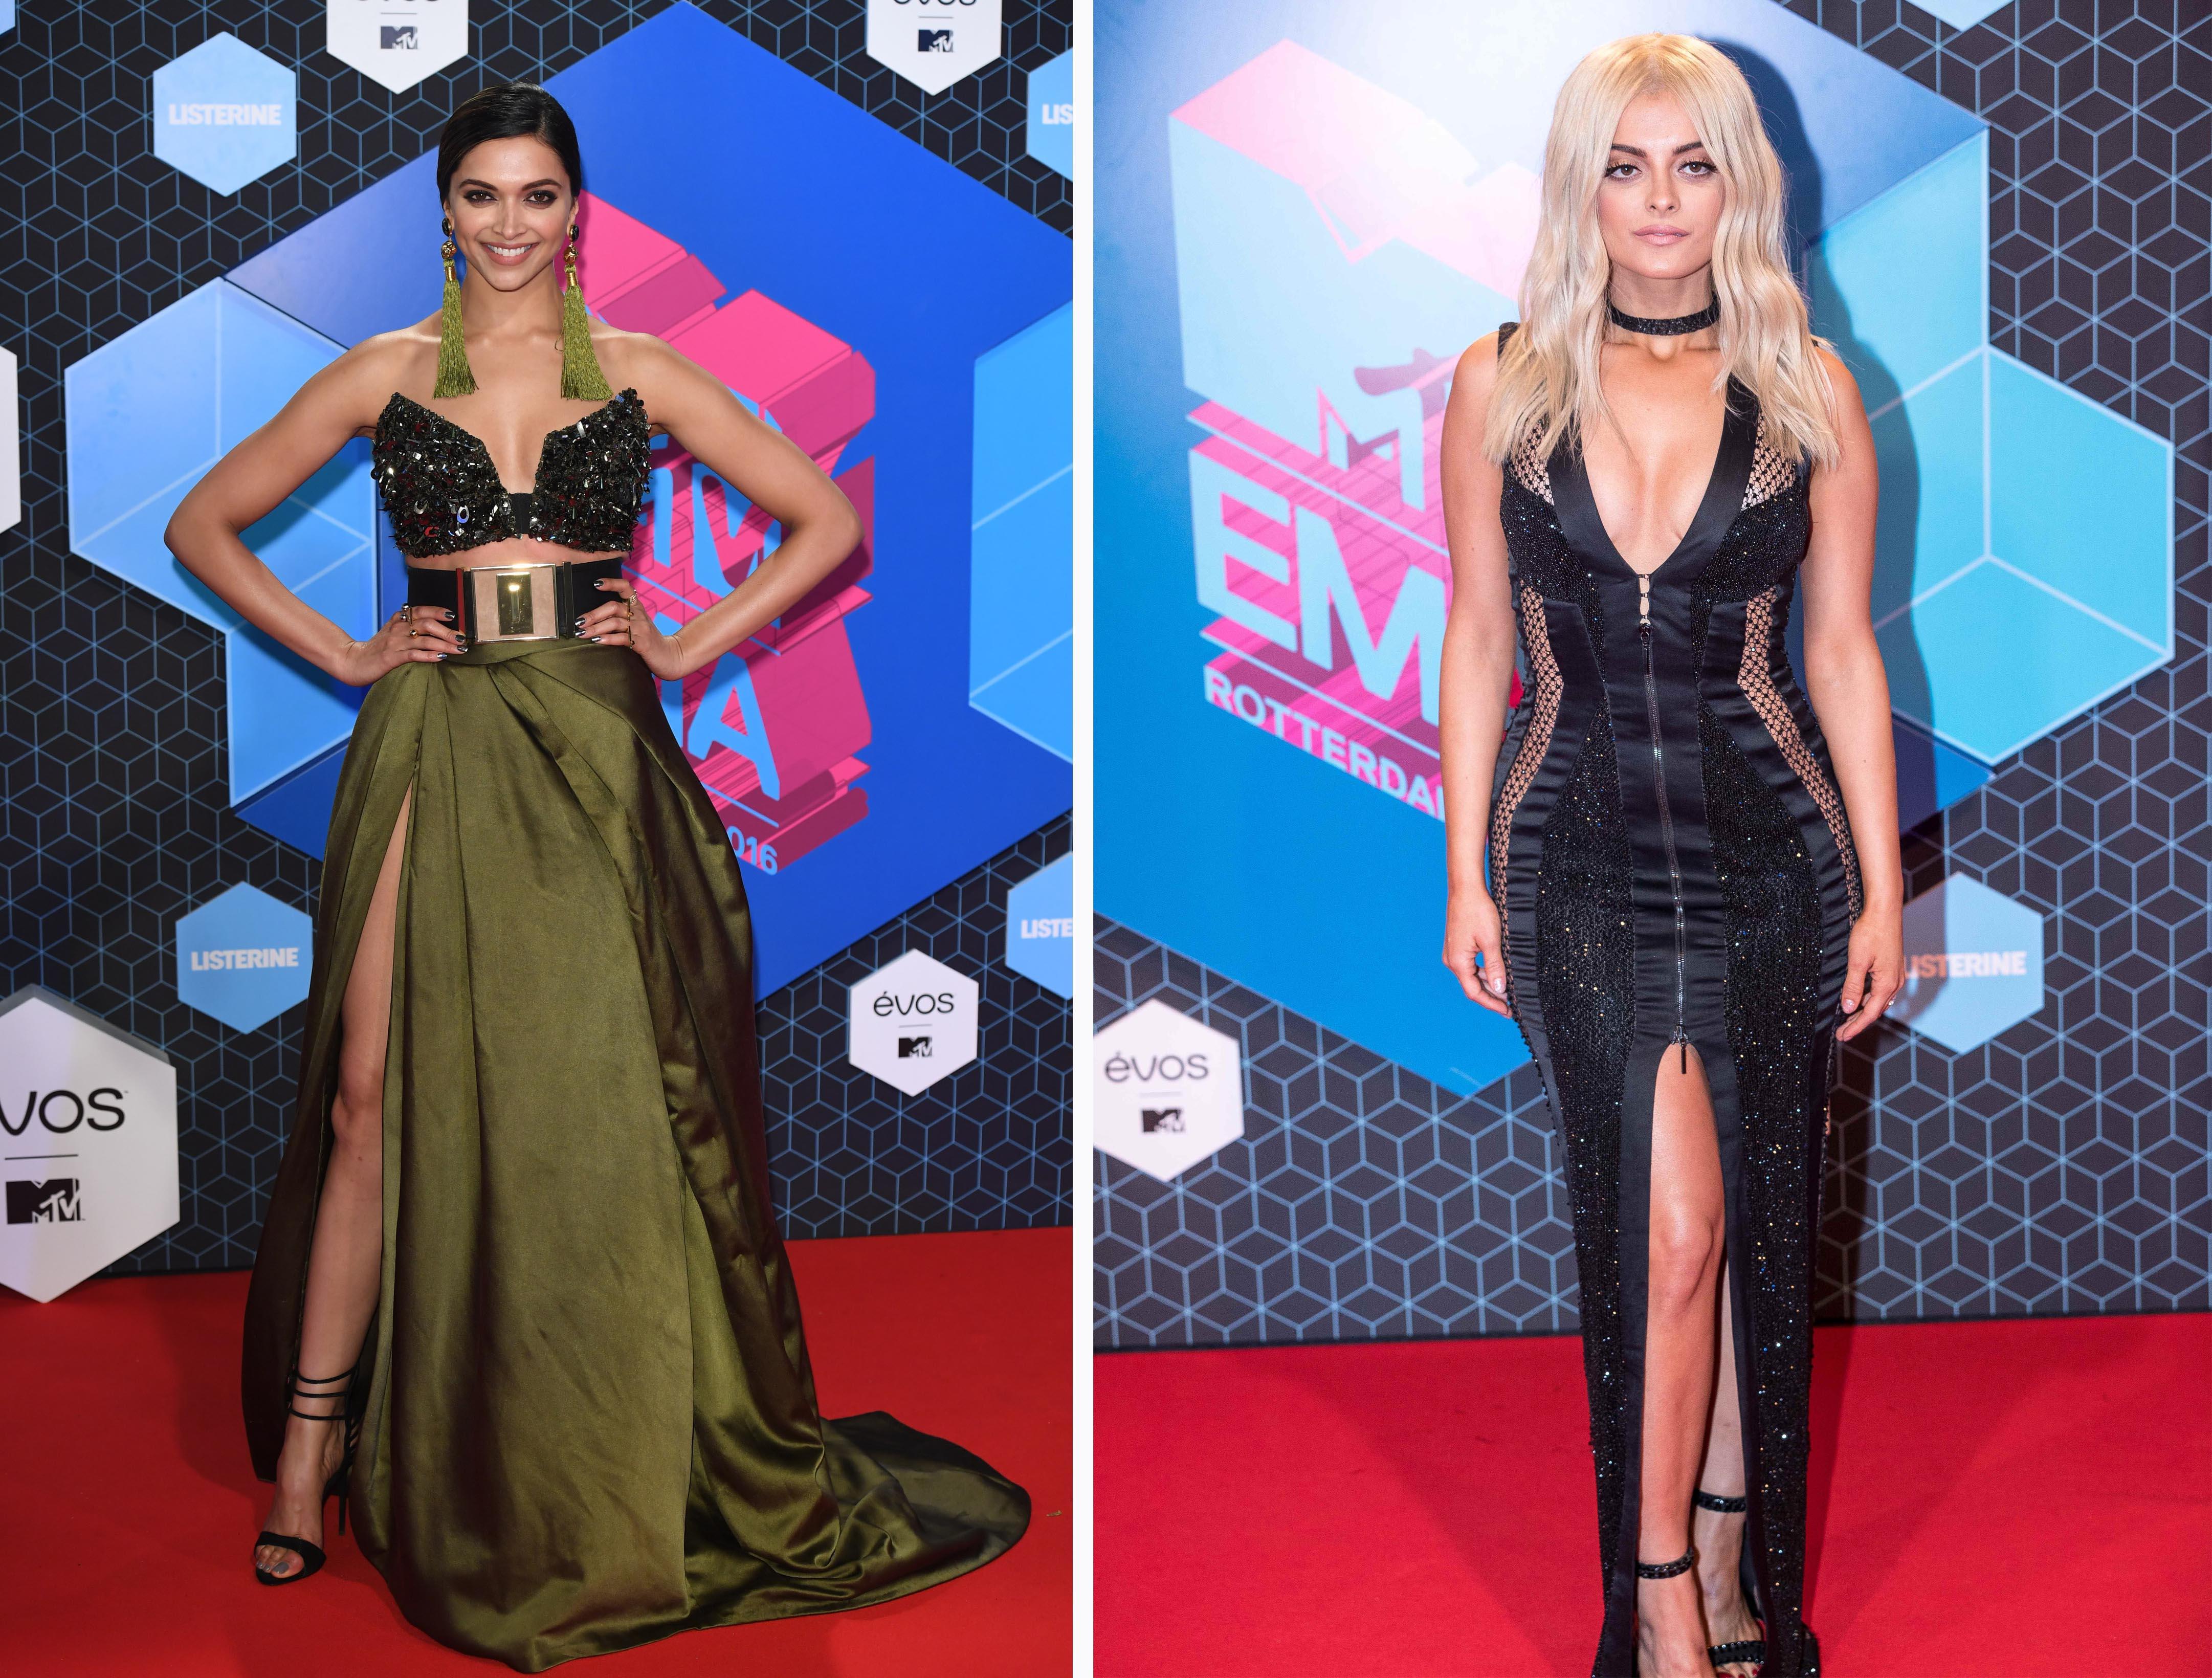 Dit droegen de sterren bij de uitreiking van MTV's EMA's!